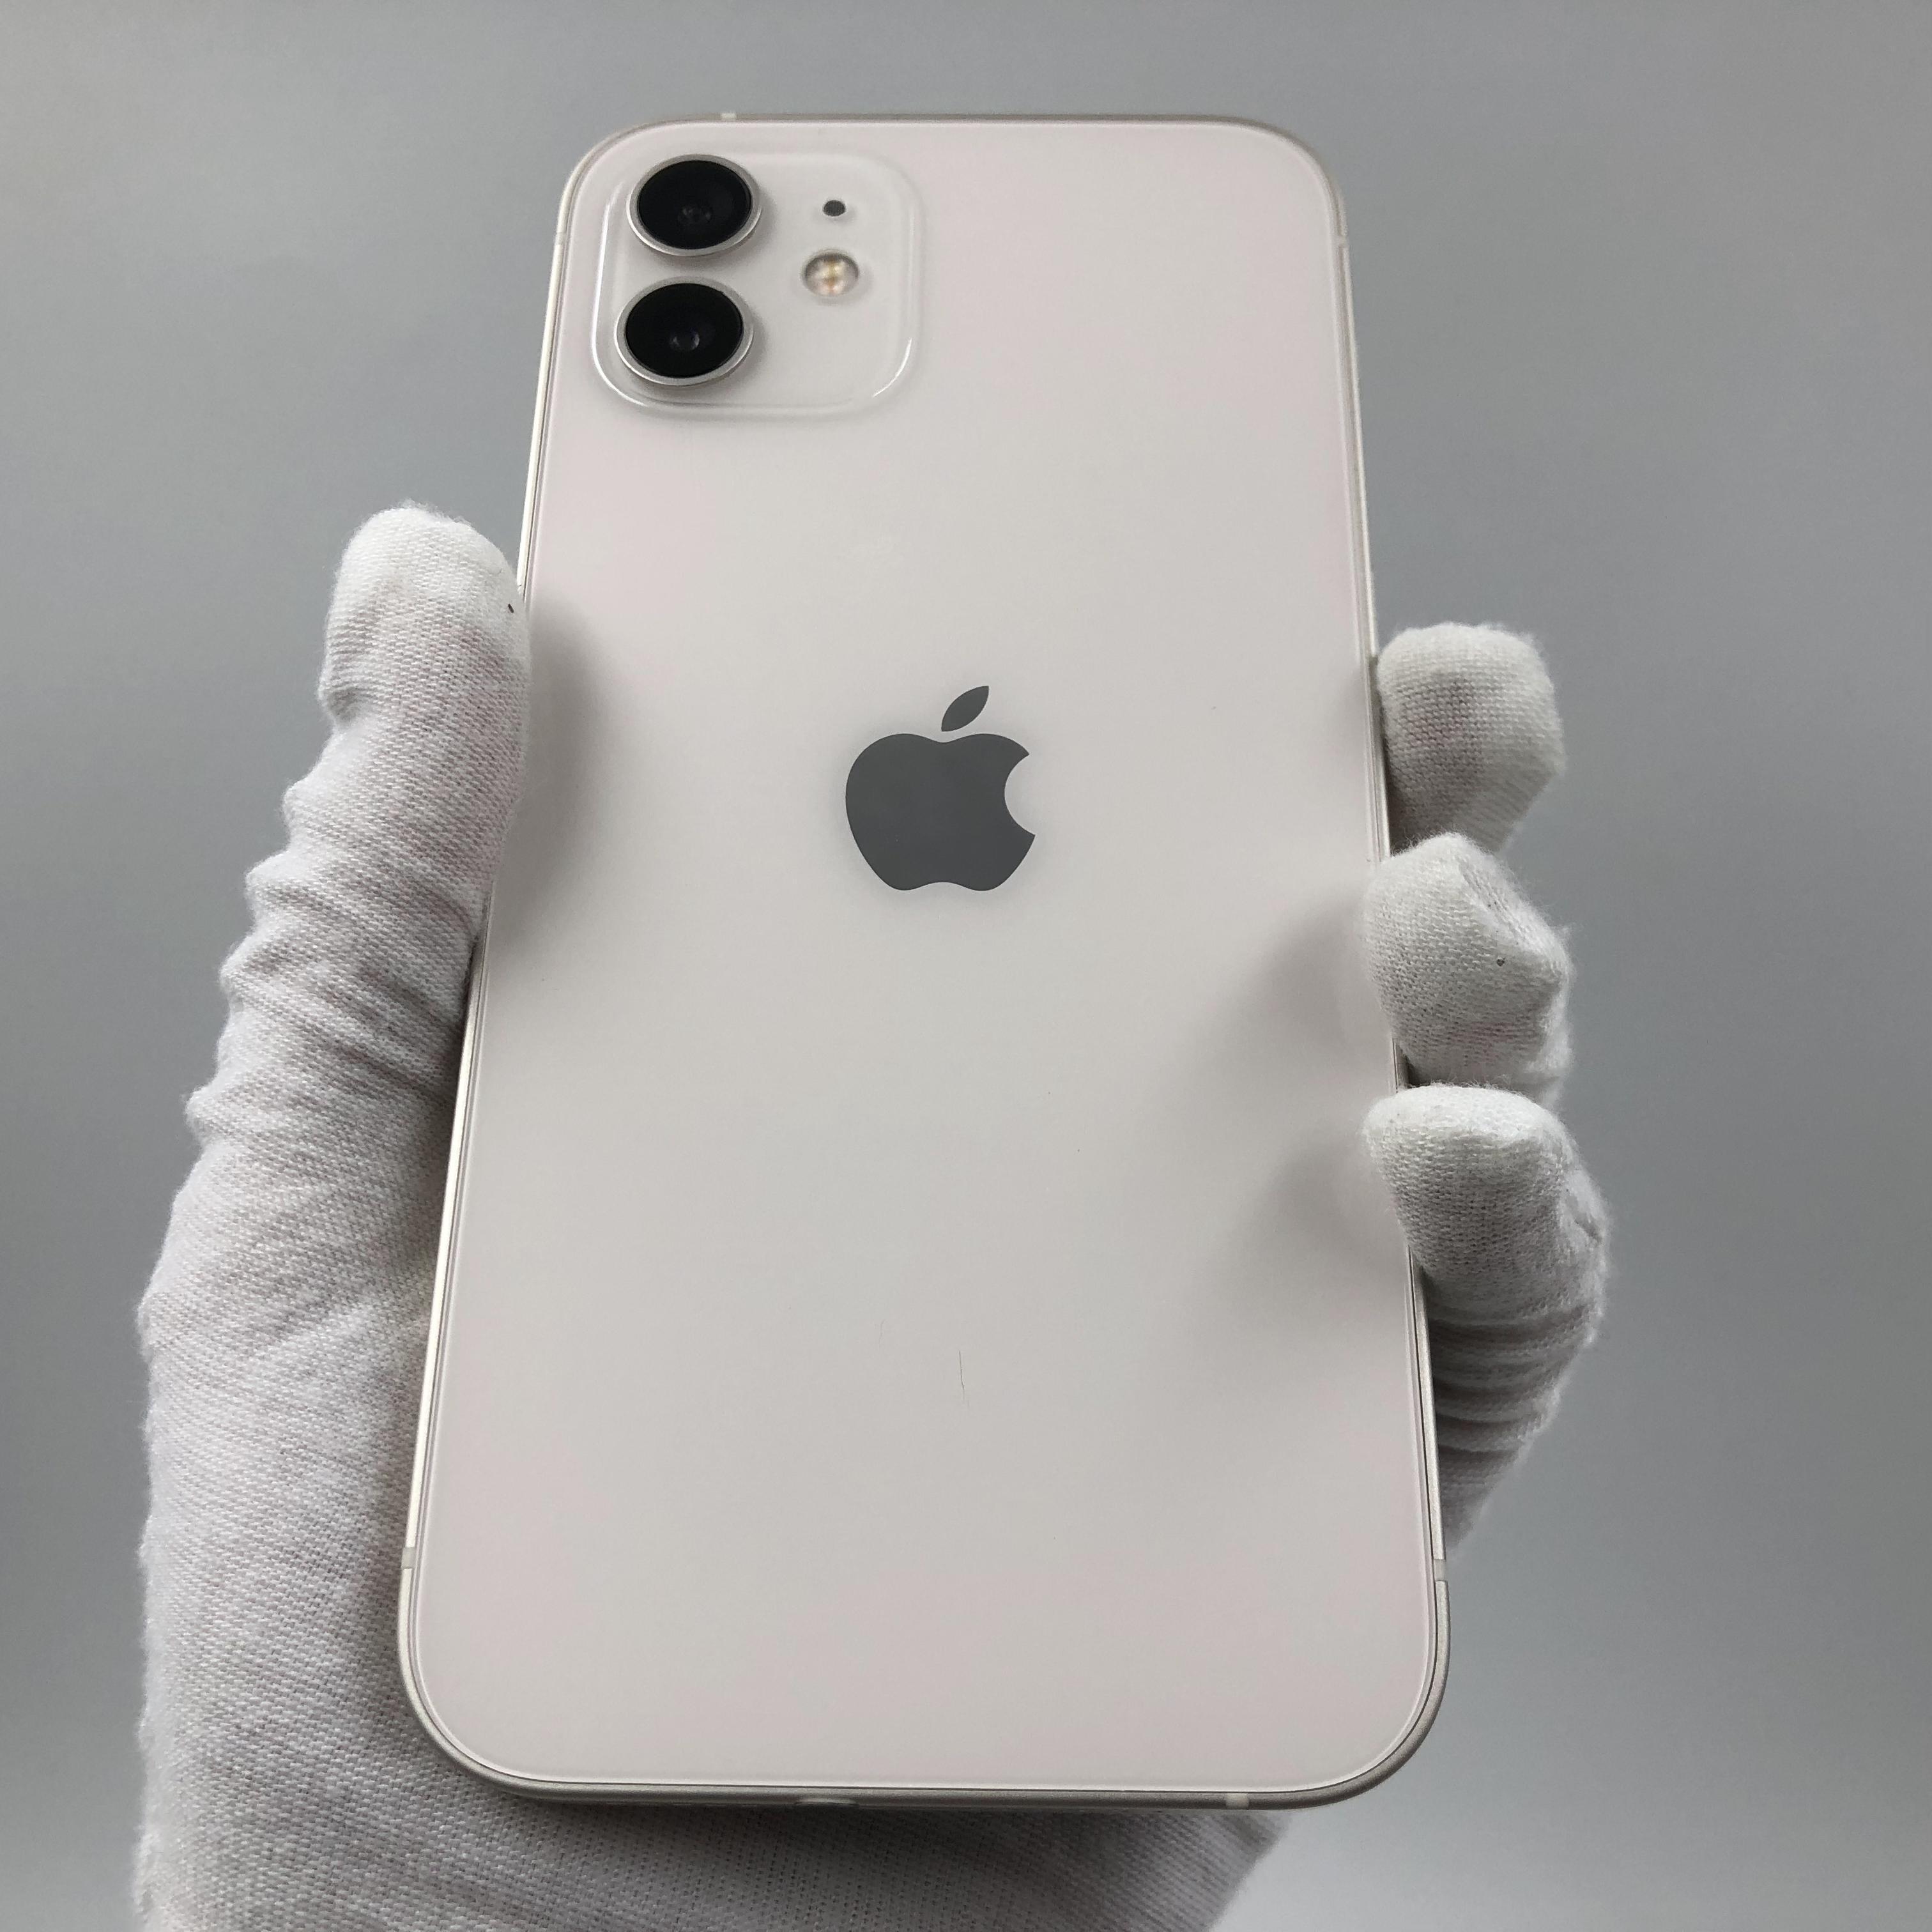 苹果【iPhone 12】5G全网通 白色 128G 国行 99新 真机实拍官保2021-10-30